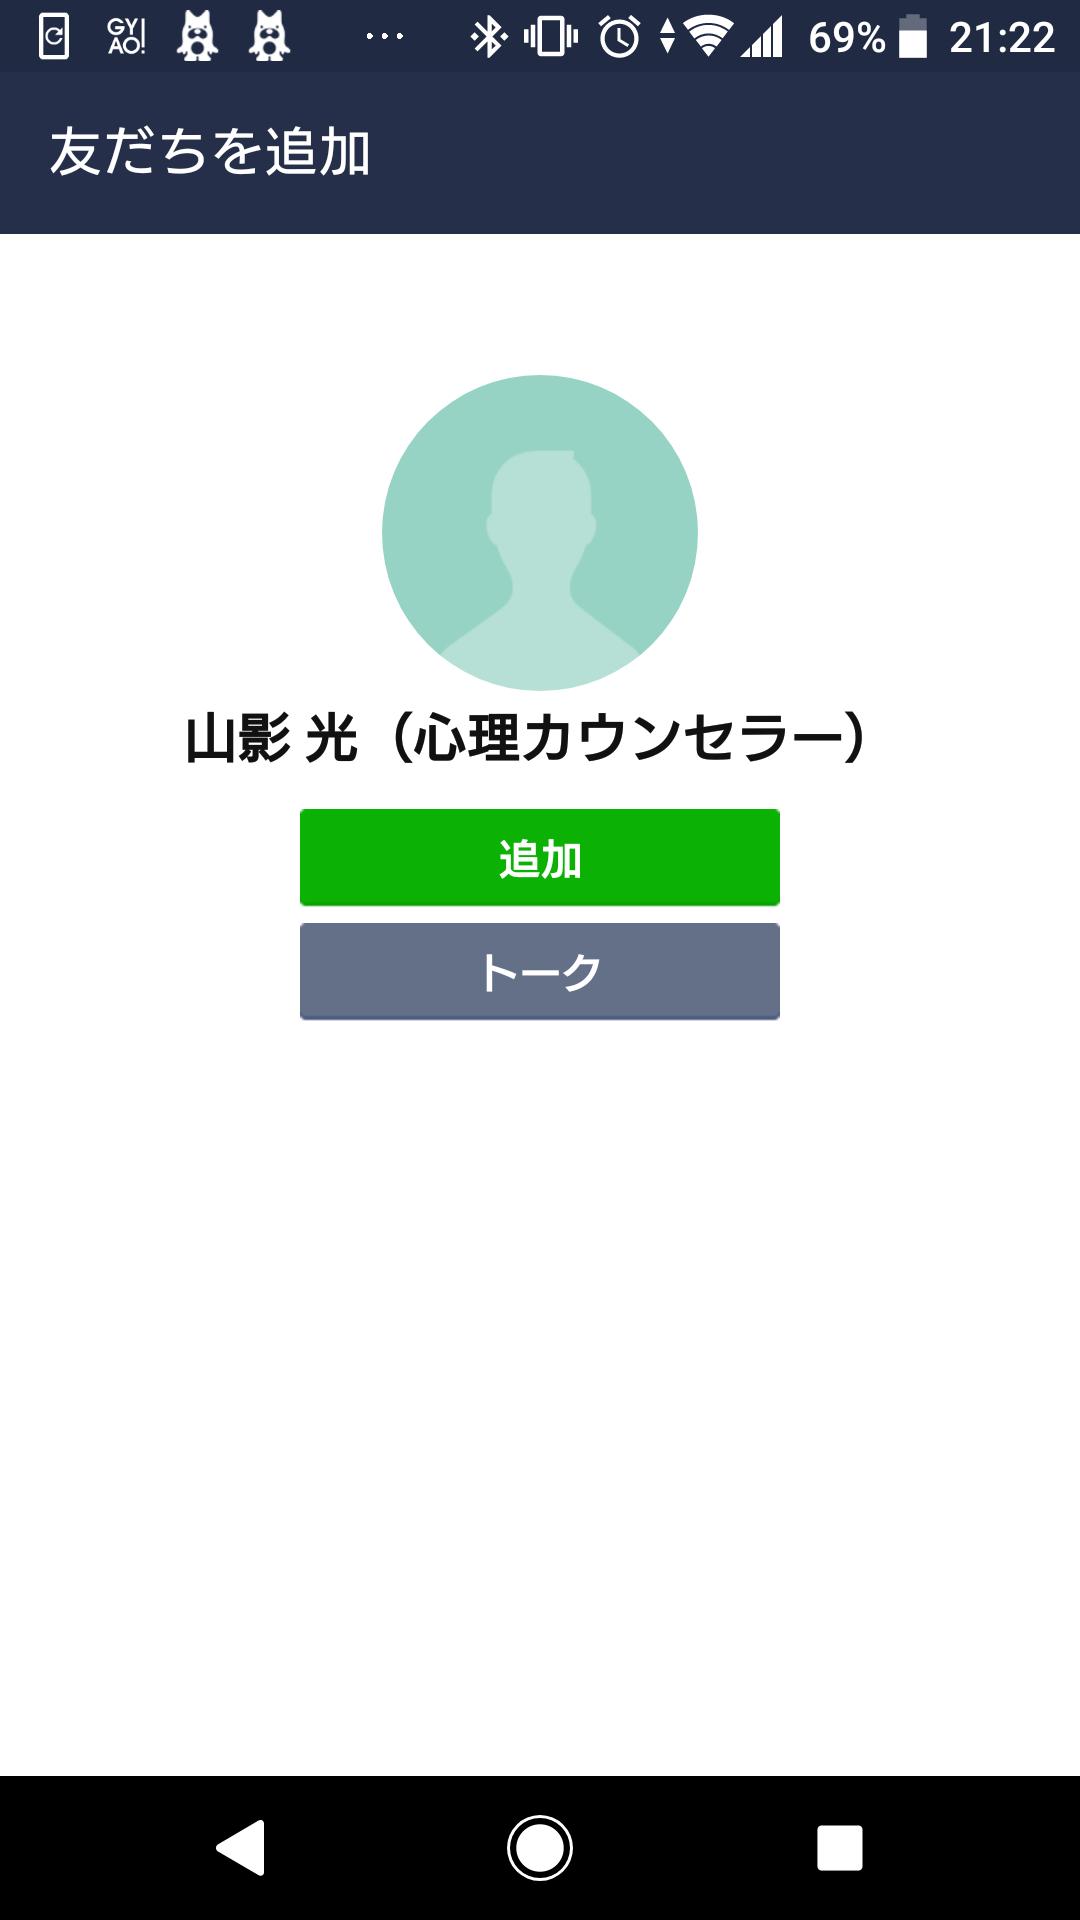 2.あなたのLINEに登録申請が来るので友だちに追加する